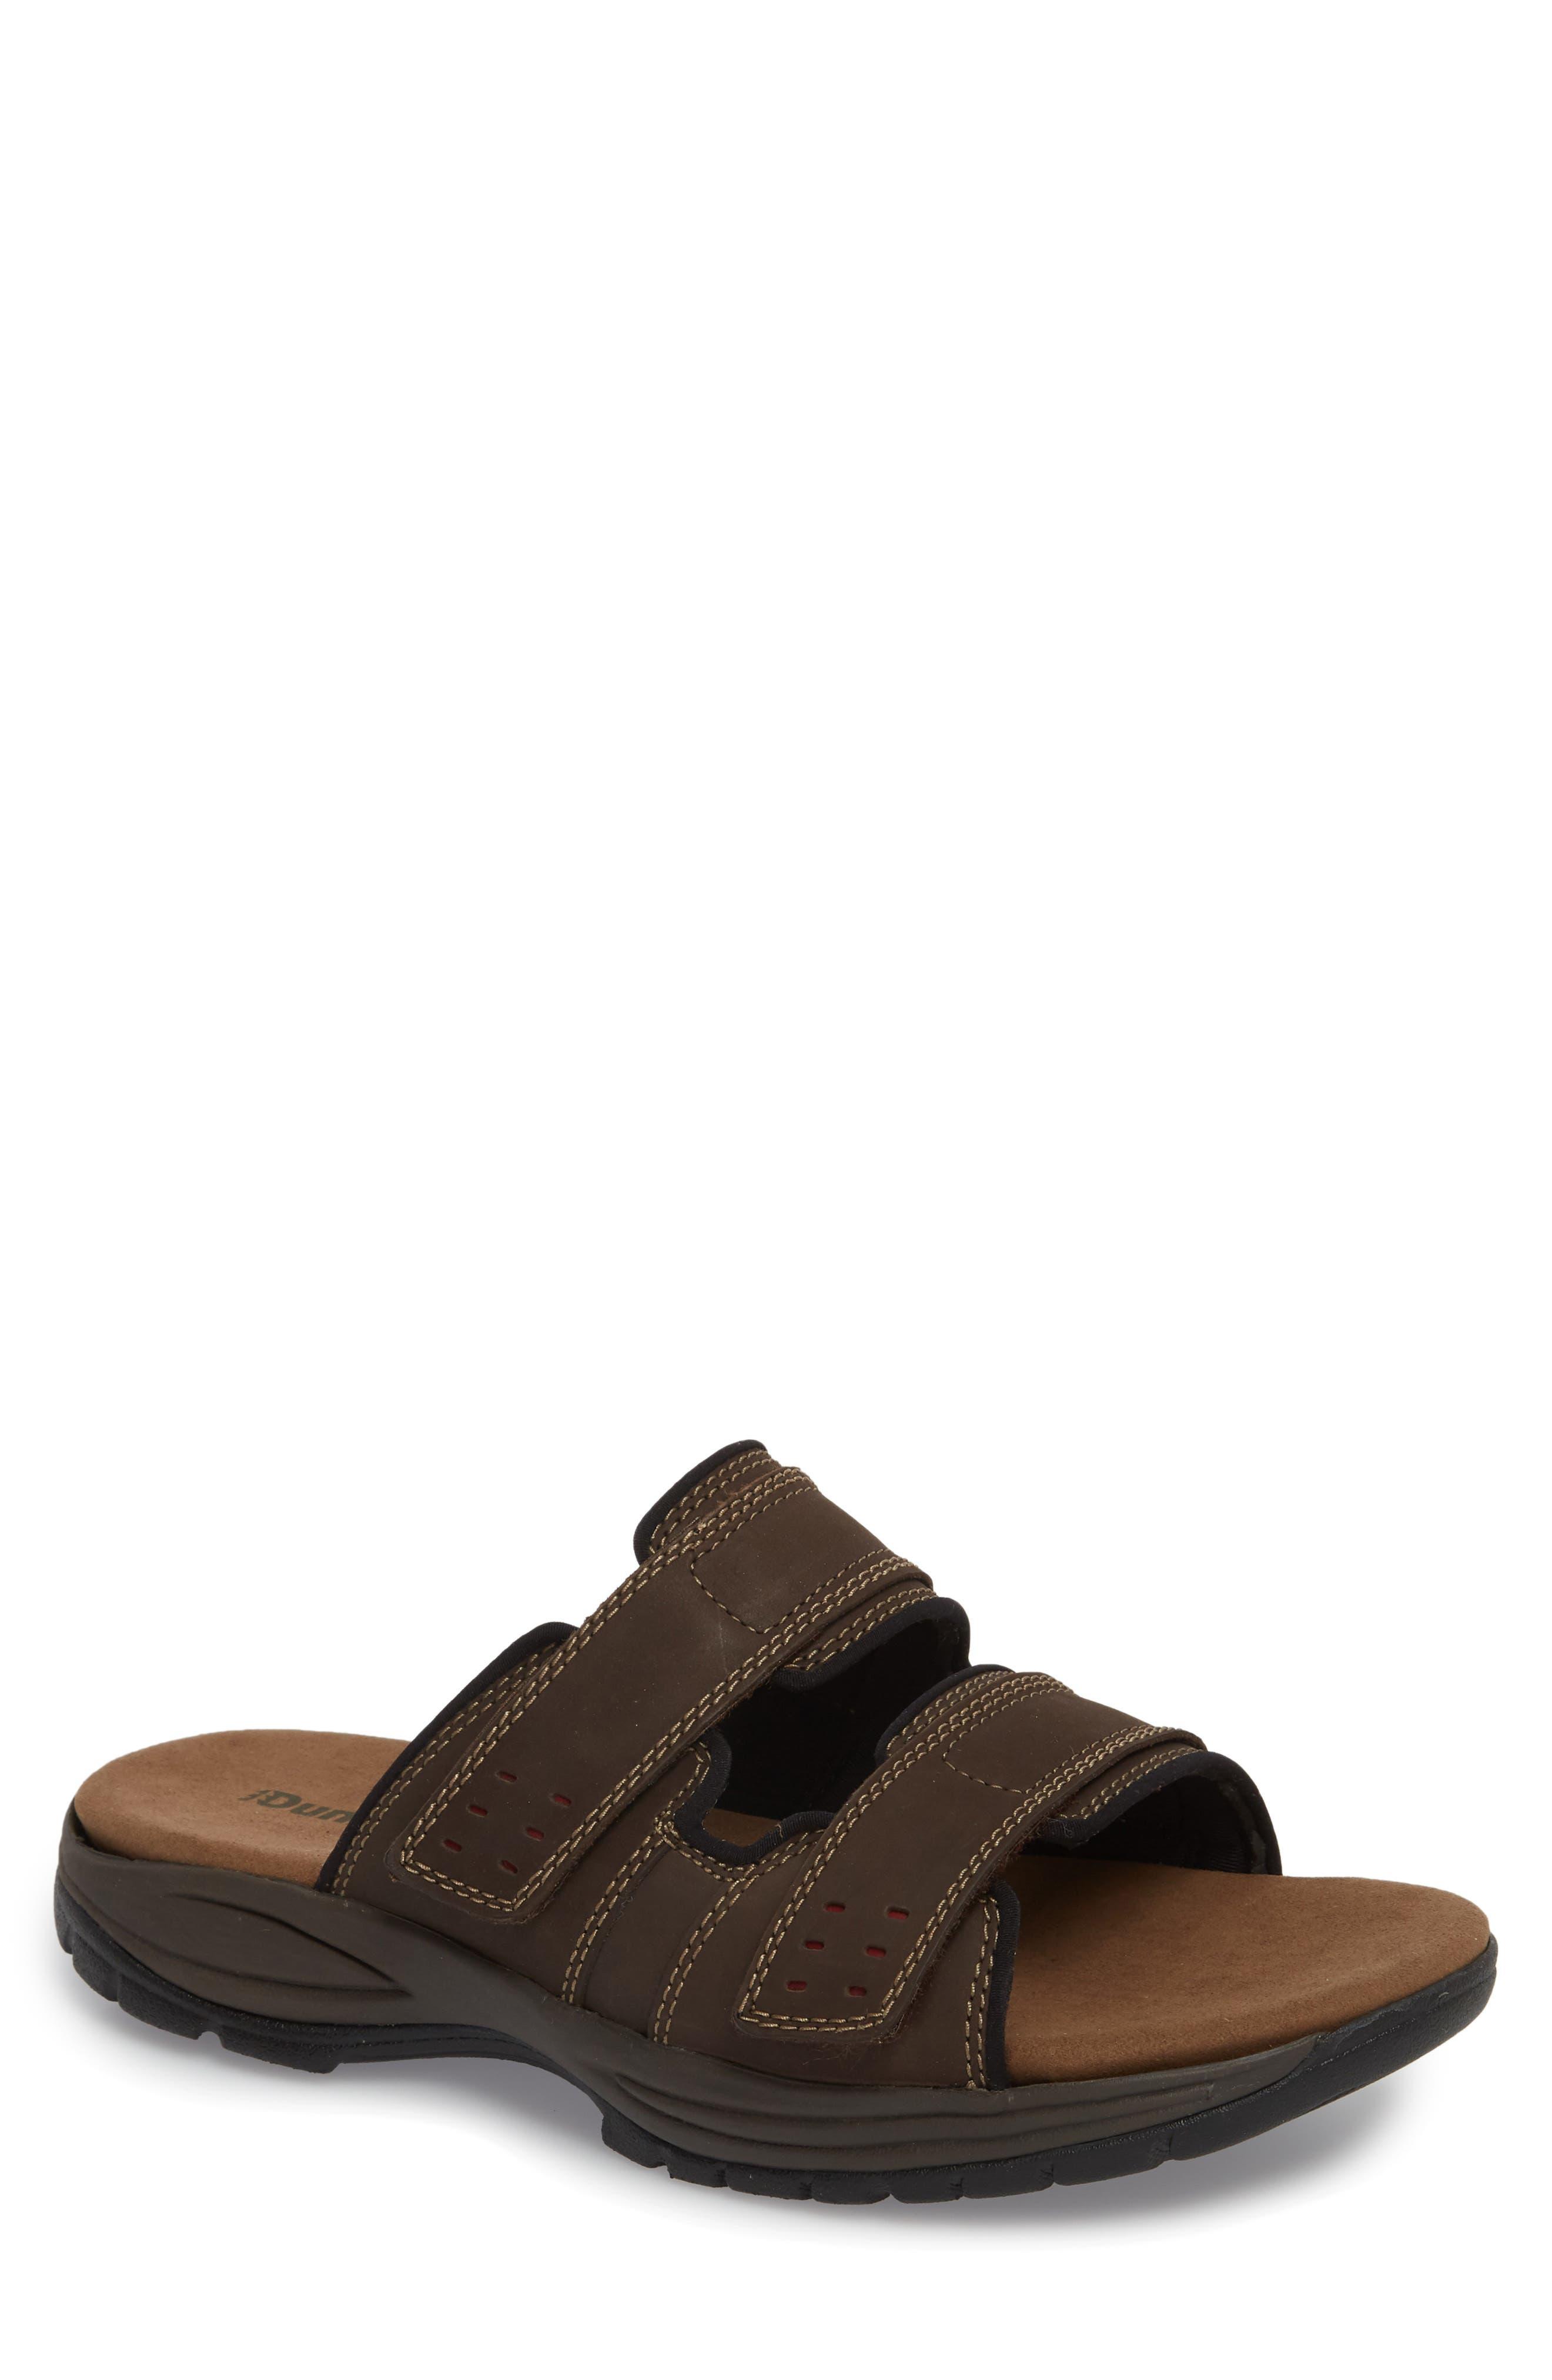 Dunham Newport Slide Sandal, EEEEEE - Brown